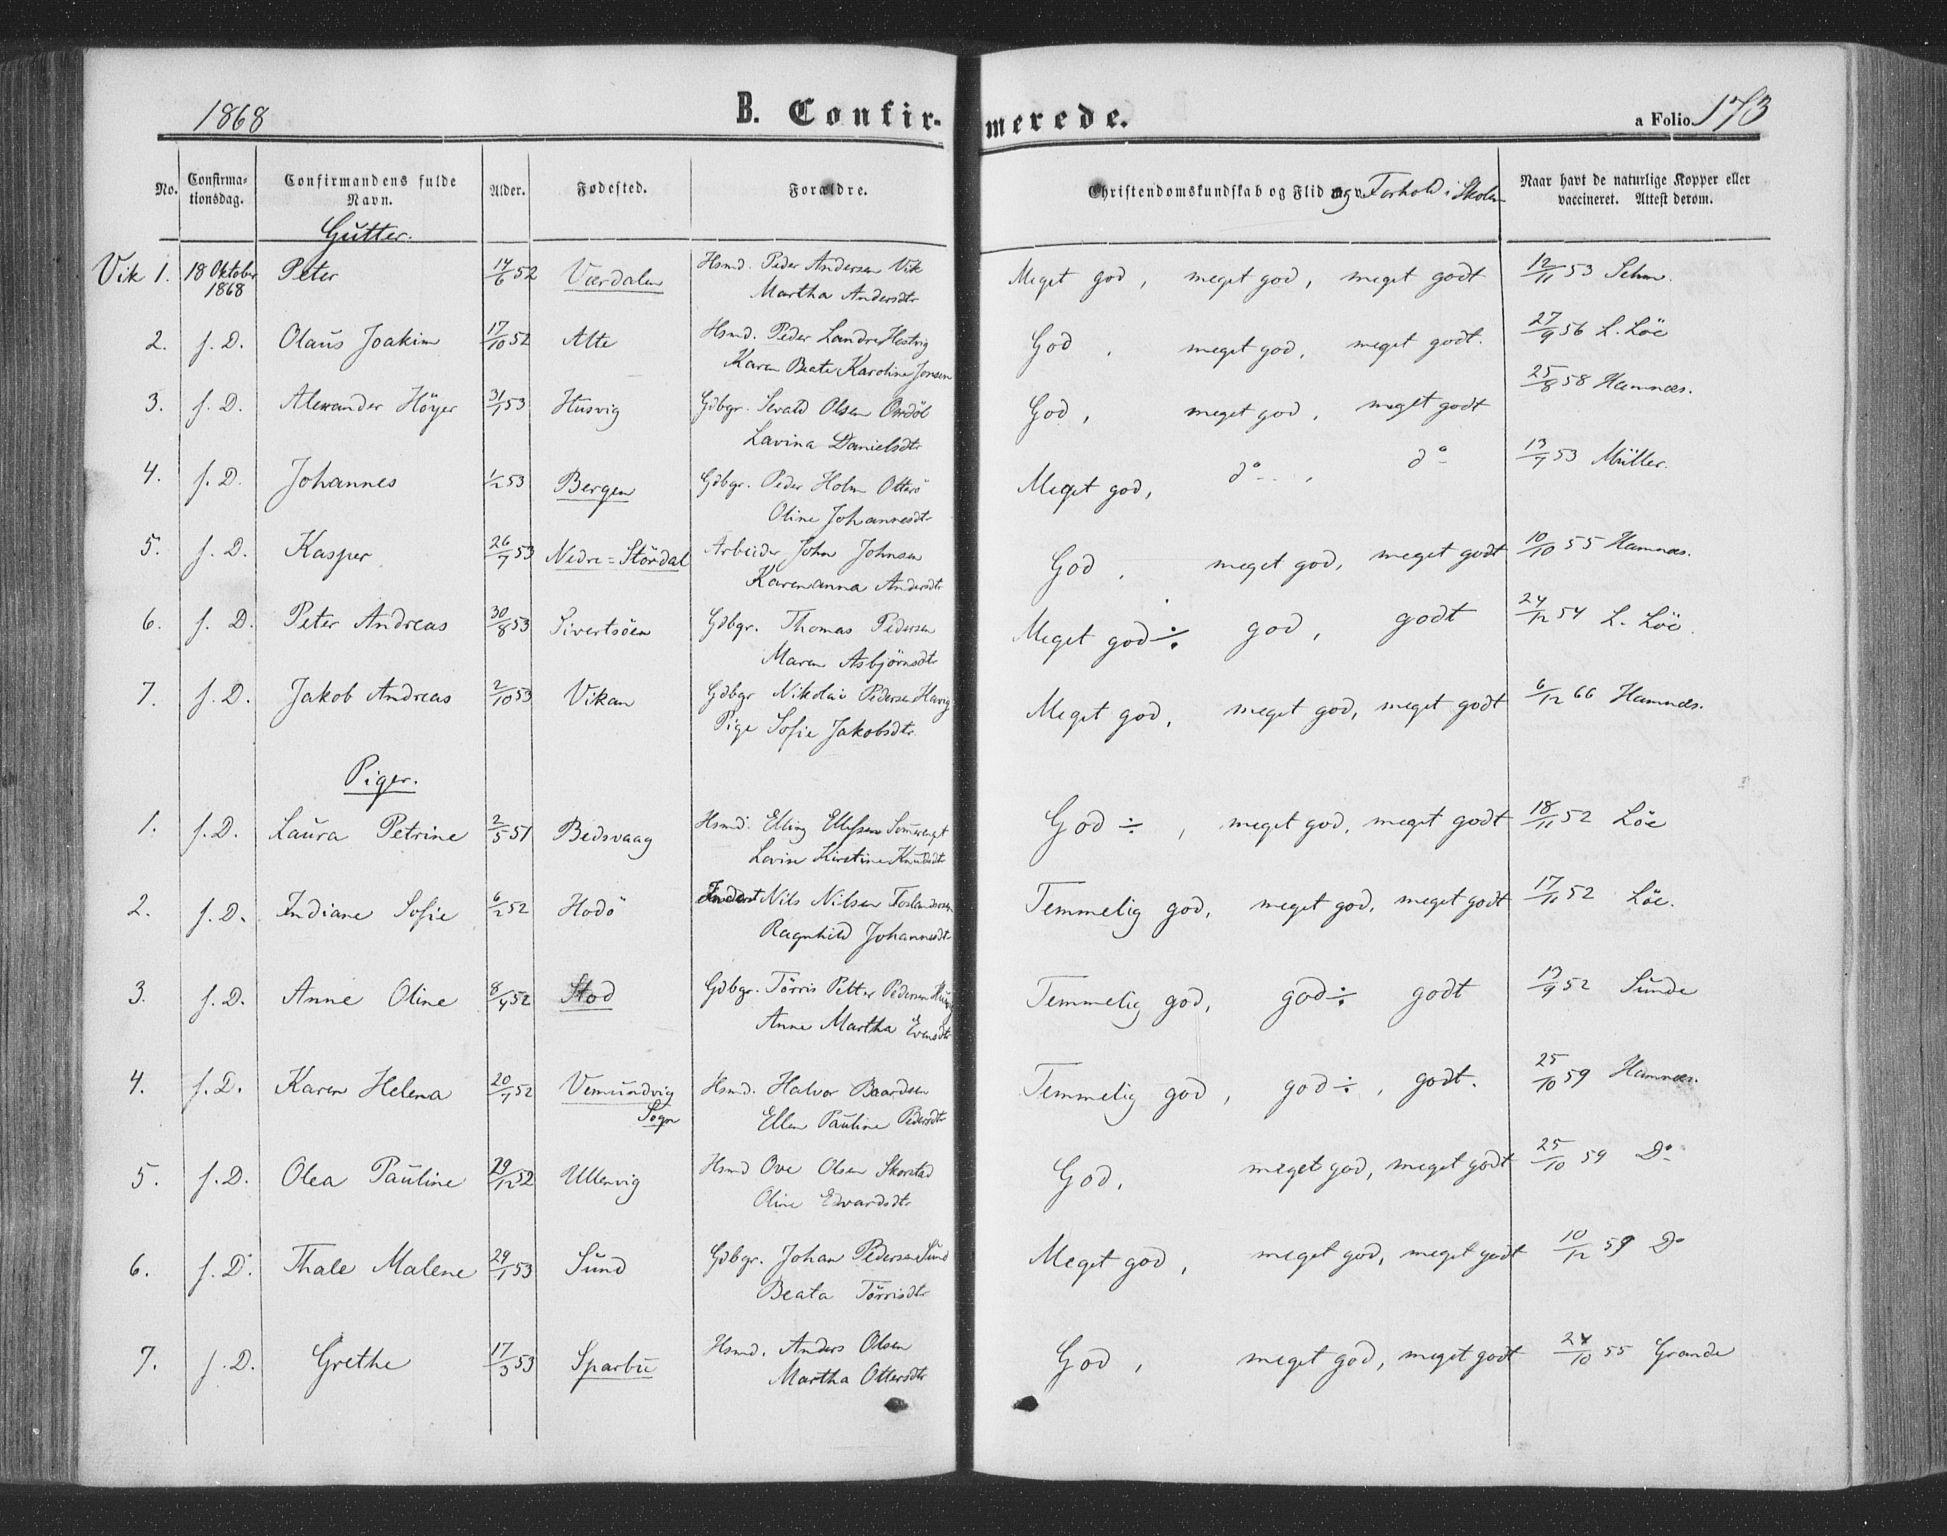 SAT, Ministerialprotokoller, klokkerbøker og fødselsregistre - Nord-Trøndelag, 773/L0615: Ministerialbok nr. 773A06, 1857-1870, s. 173